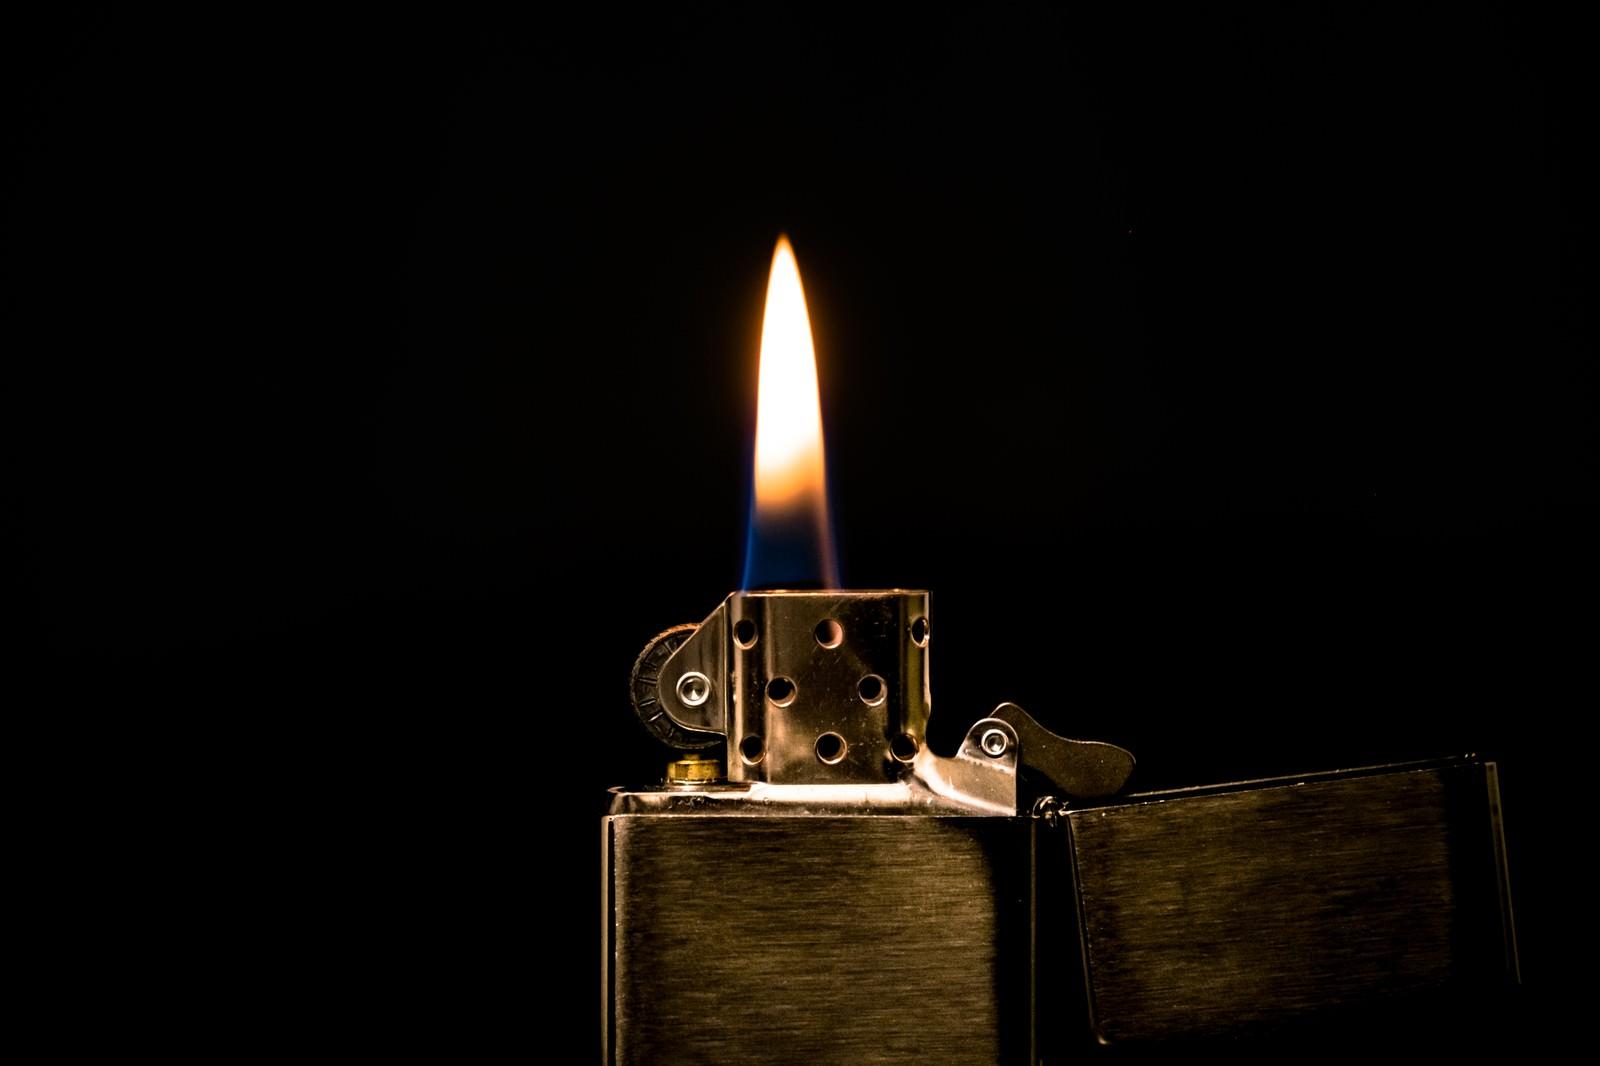 「オイルライターの火オイルライターの火」のフリー写真素材を拡大